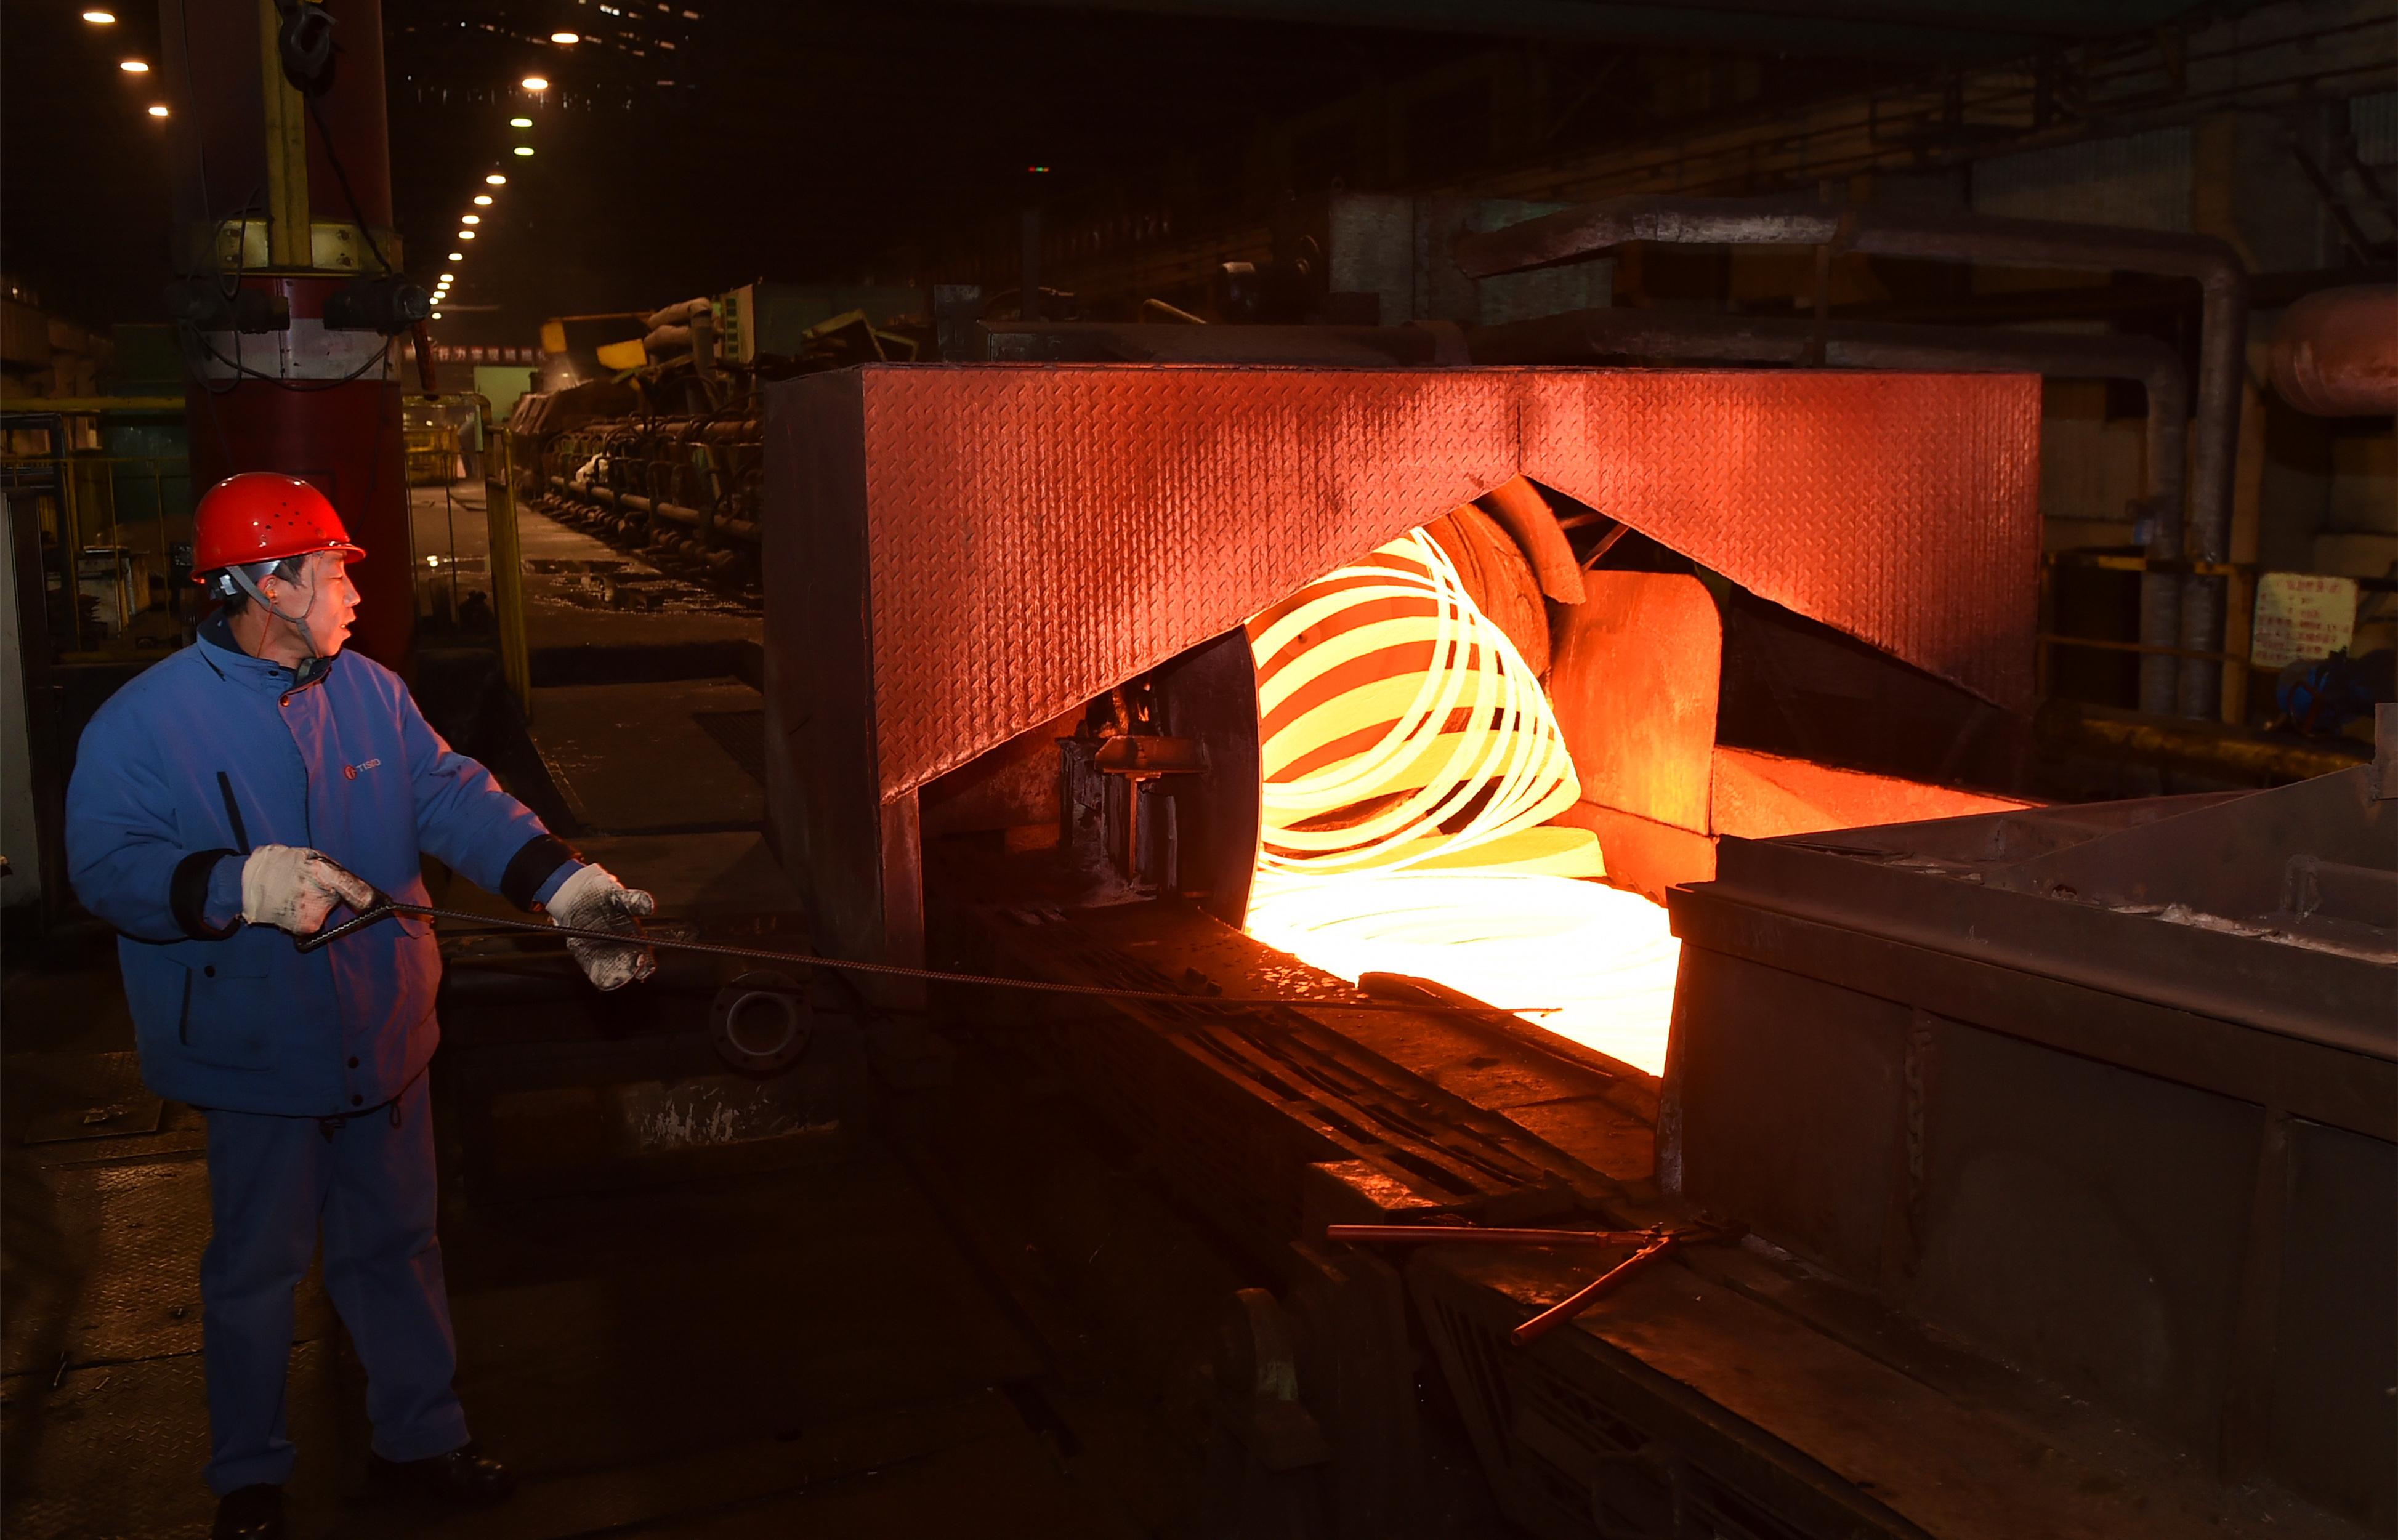 """工人在太鋼集團""""筆尖鋼""""鋼絲生產線上工作(2017年1月10日攝)。 新華社記者 曹陽 攝.JPG"""